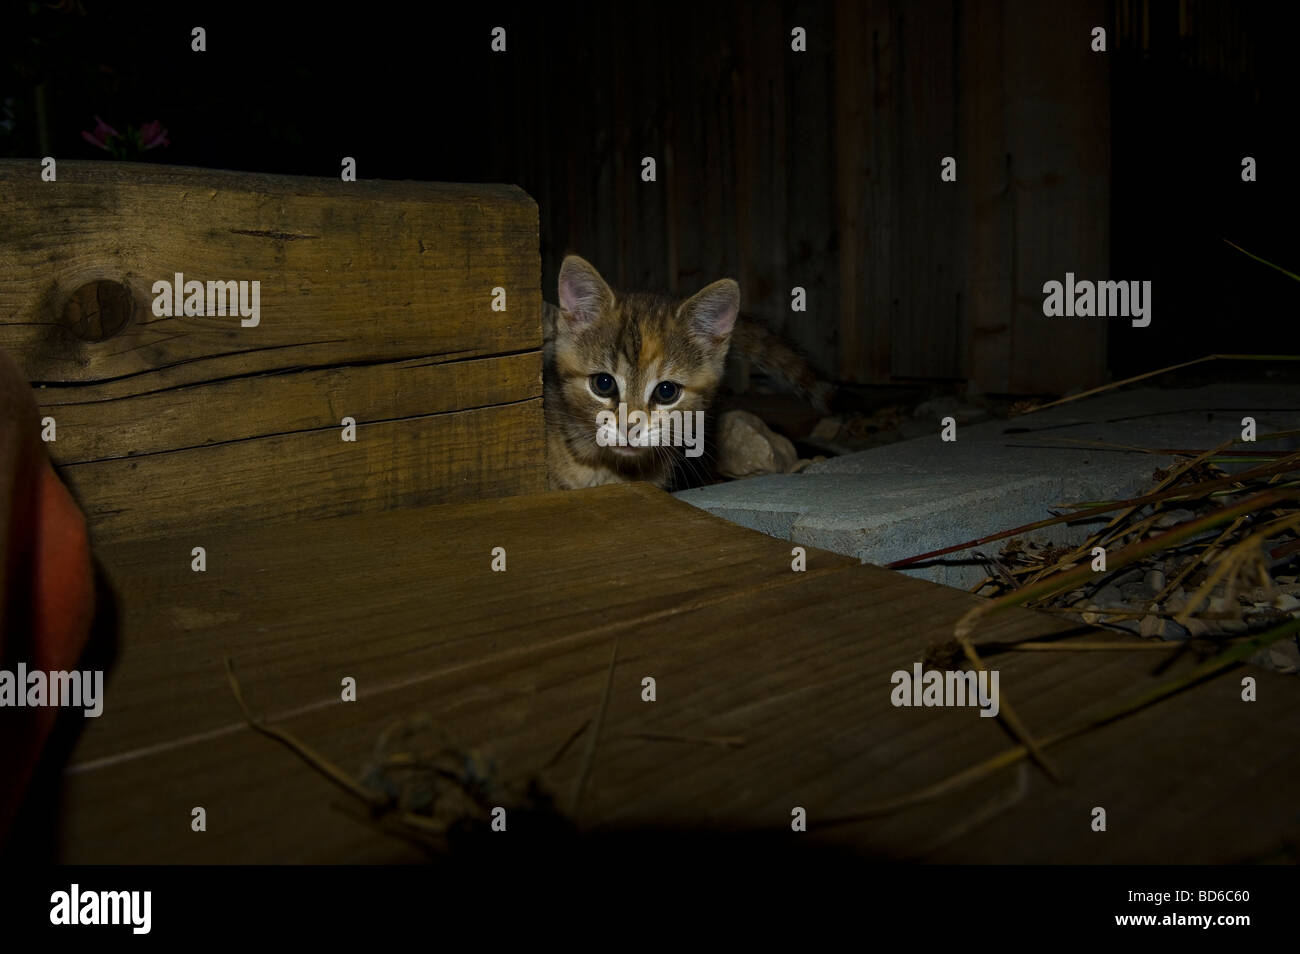 Bruna giovane gatto strippato in ambiente notte occhi gattino esterni Posa laici guardano alla ricerca animale gattino Immagini Stock